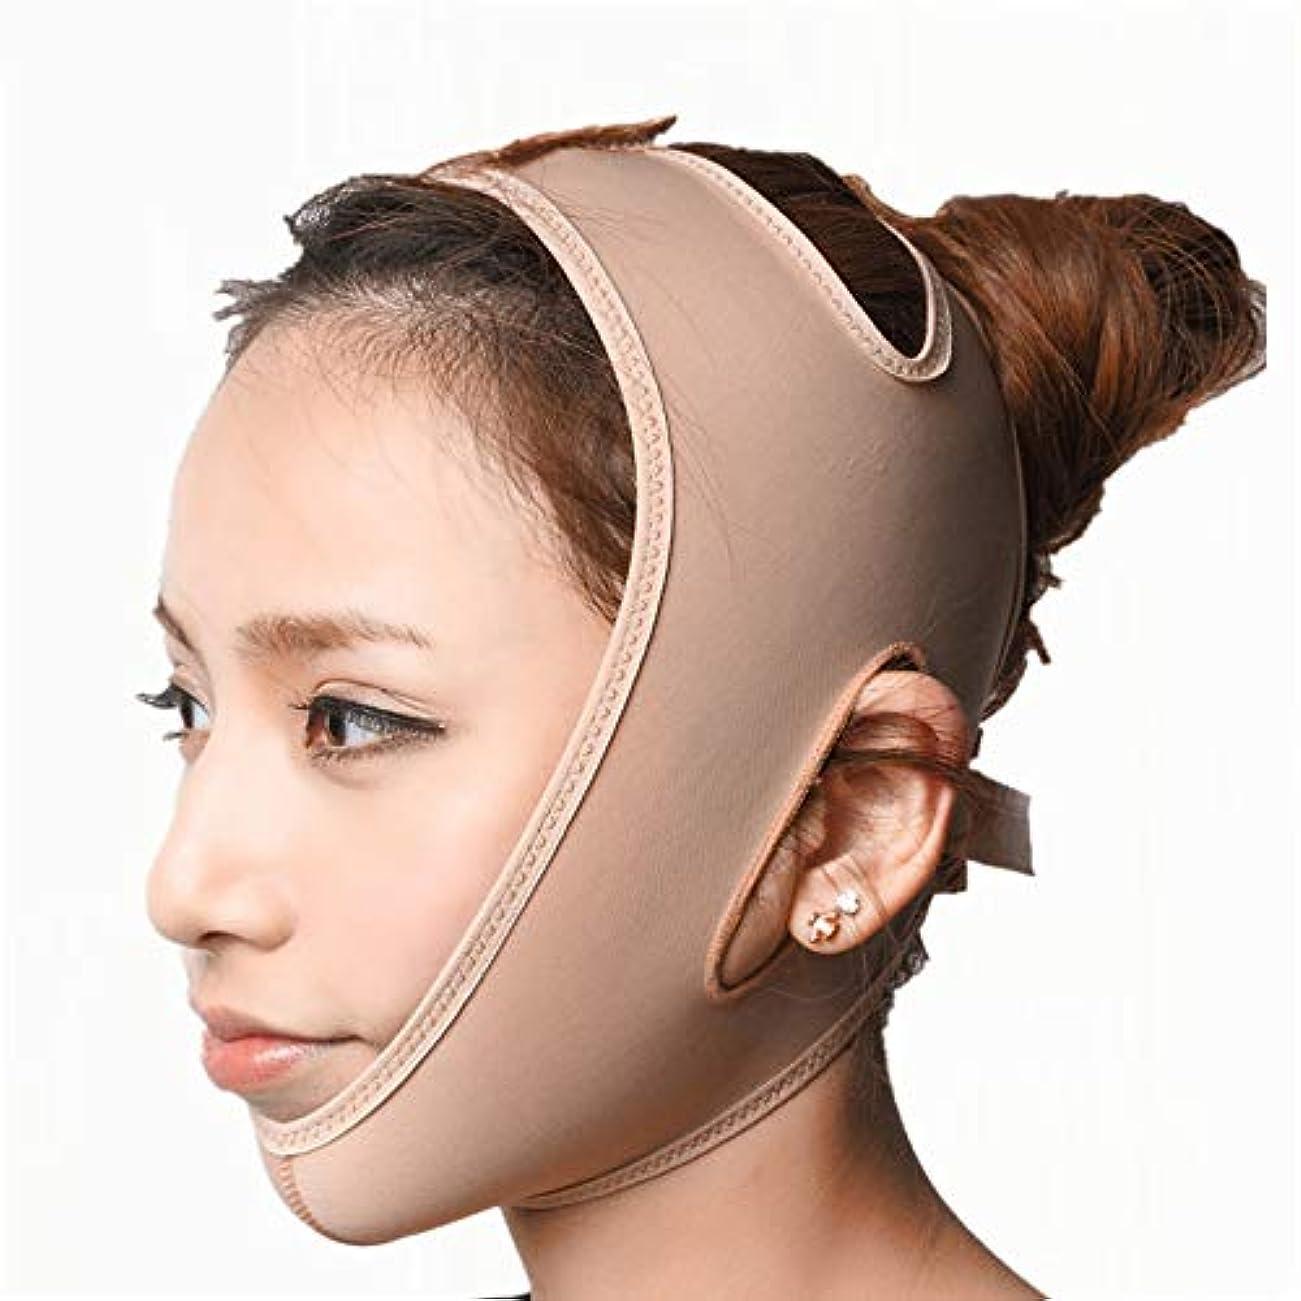 震える雰囲気母音フェイスリフトベルト 薄い顔のベルト - 薄い顔のアーチファクトVの顔の包帯マスクの顔のマッサージャー薄いダブルの顎のデバイス